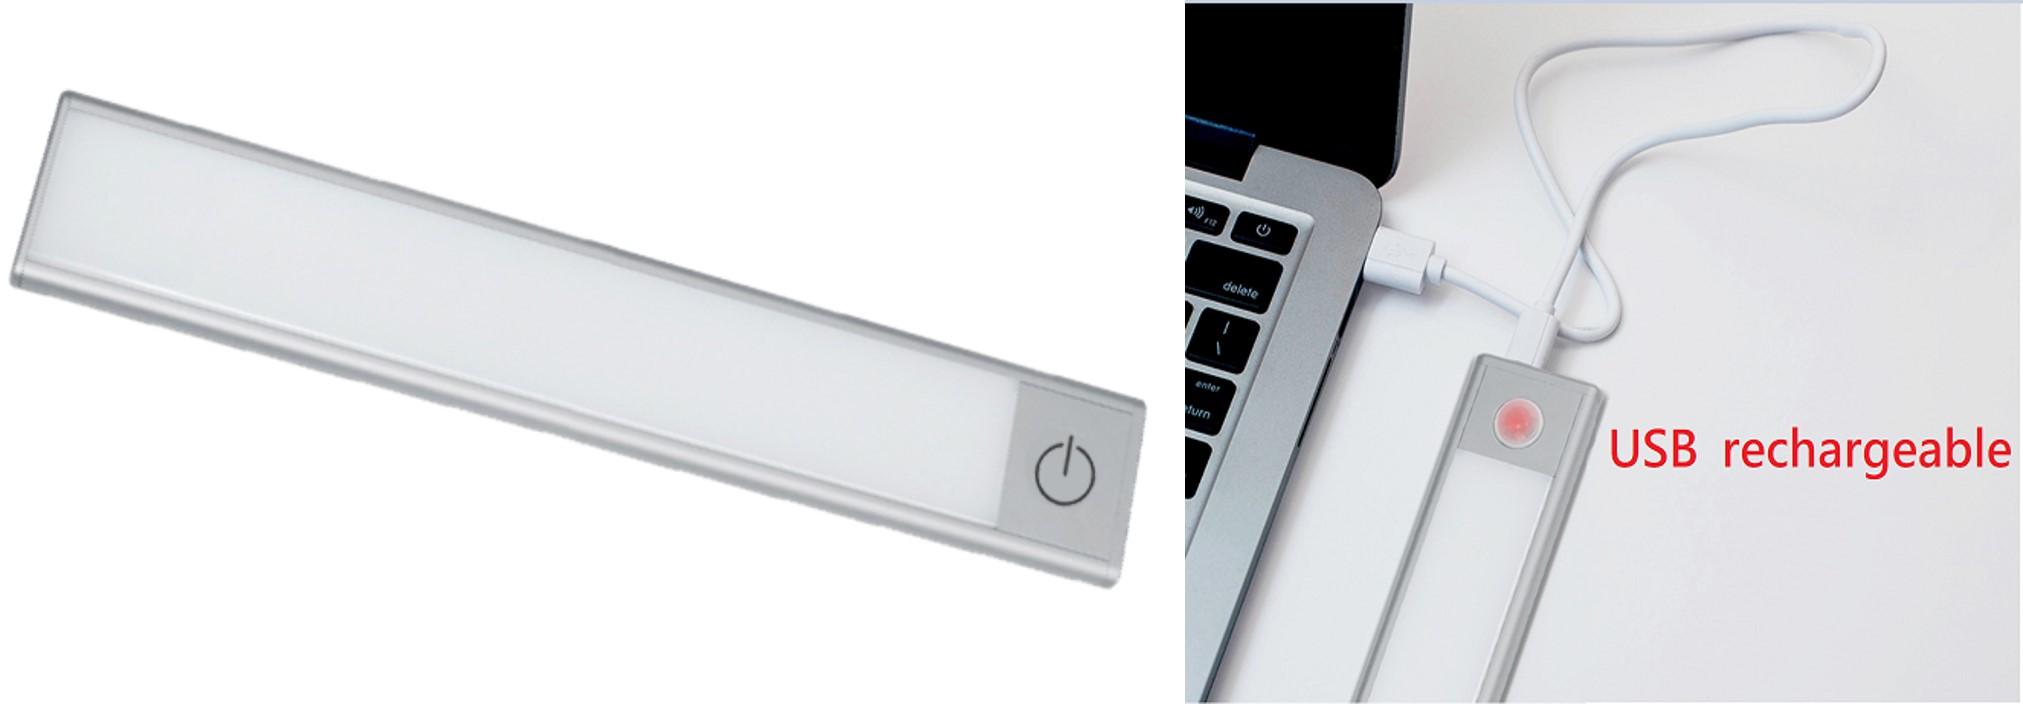 led magnet UC light#4.jpg